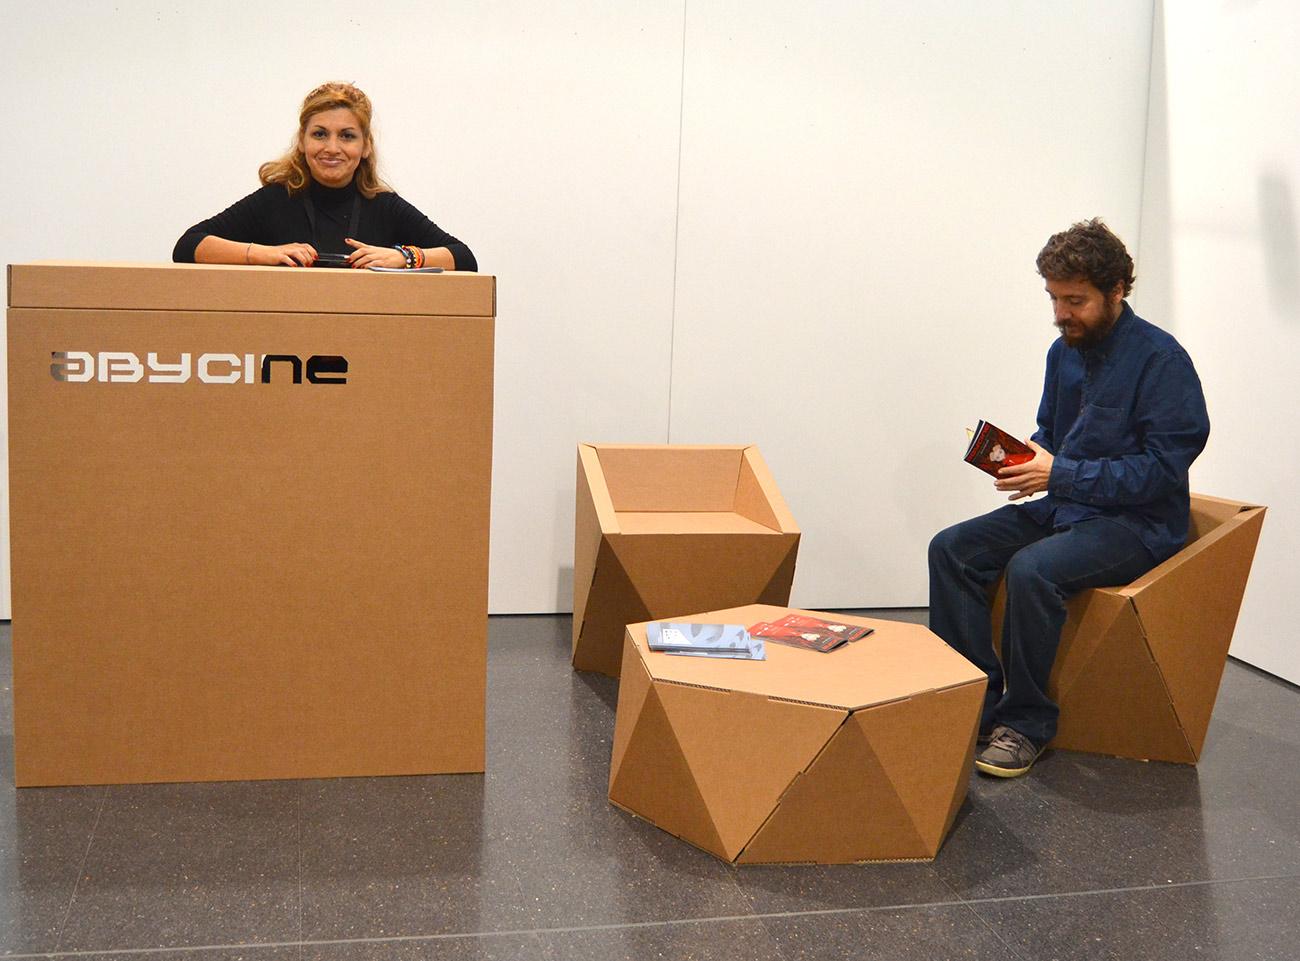 muebles-carton-abycine-festival-mostrador-silla-cartonlab